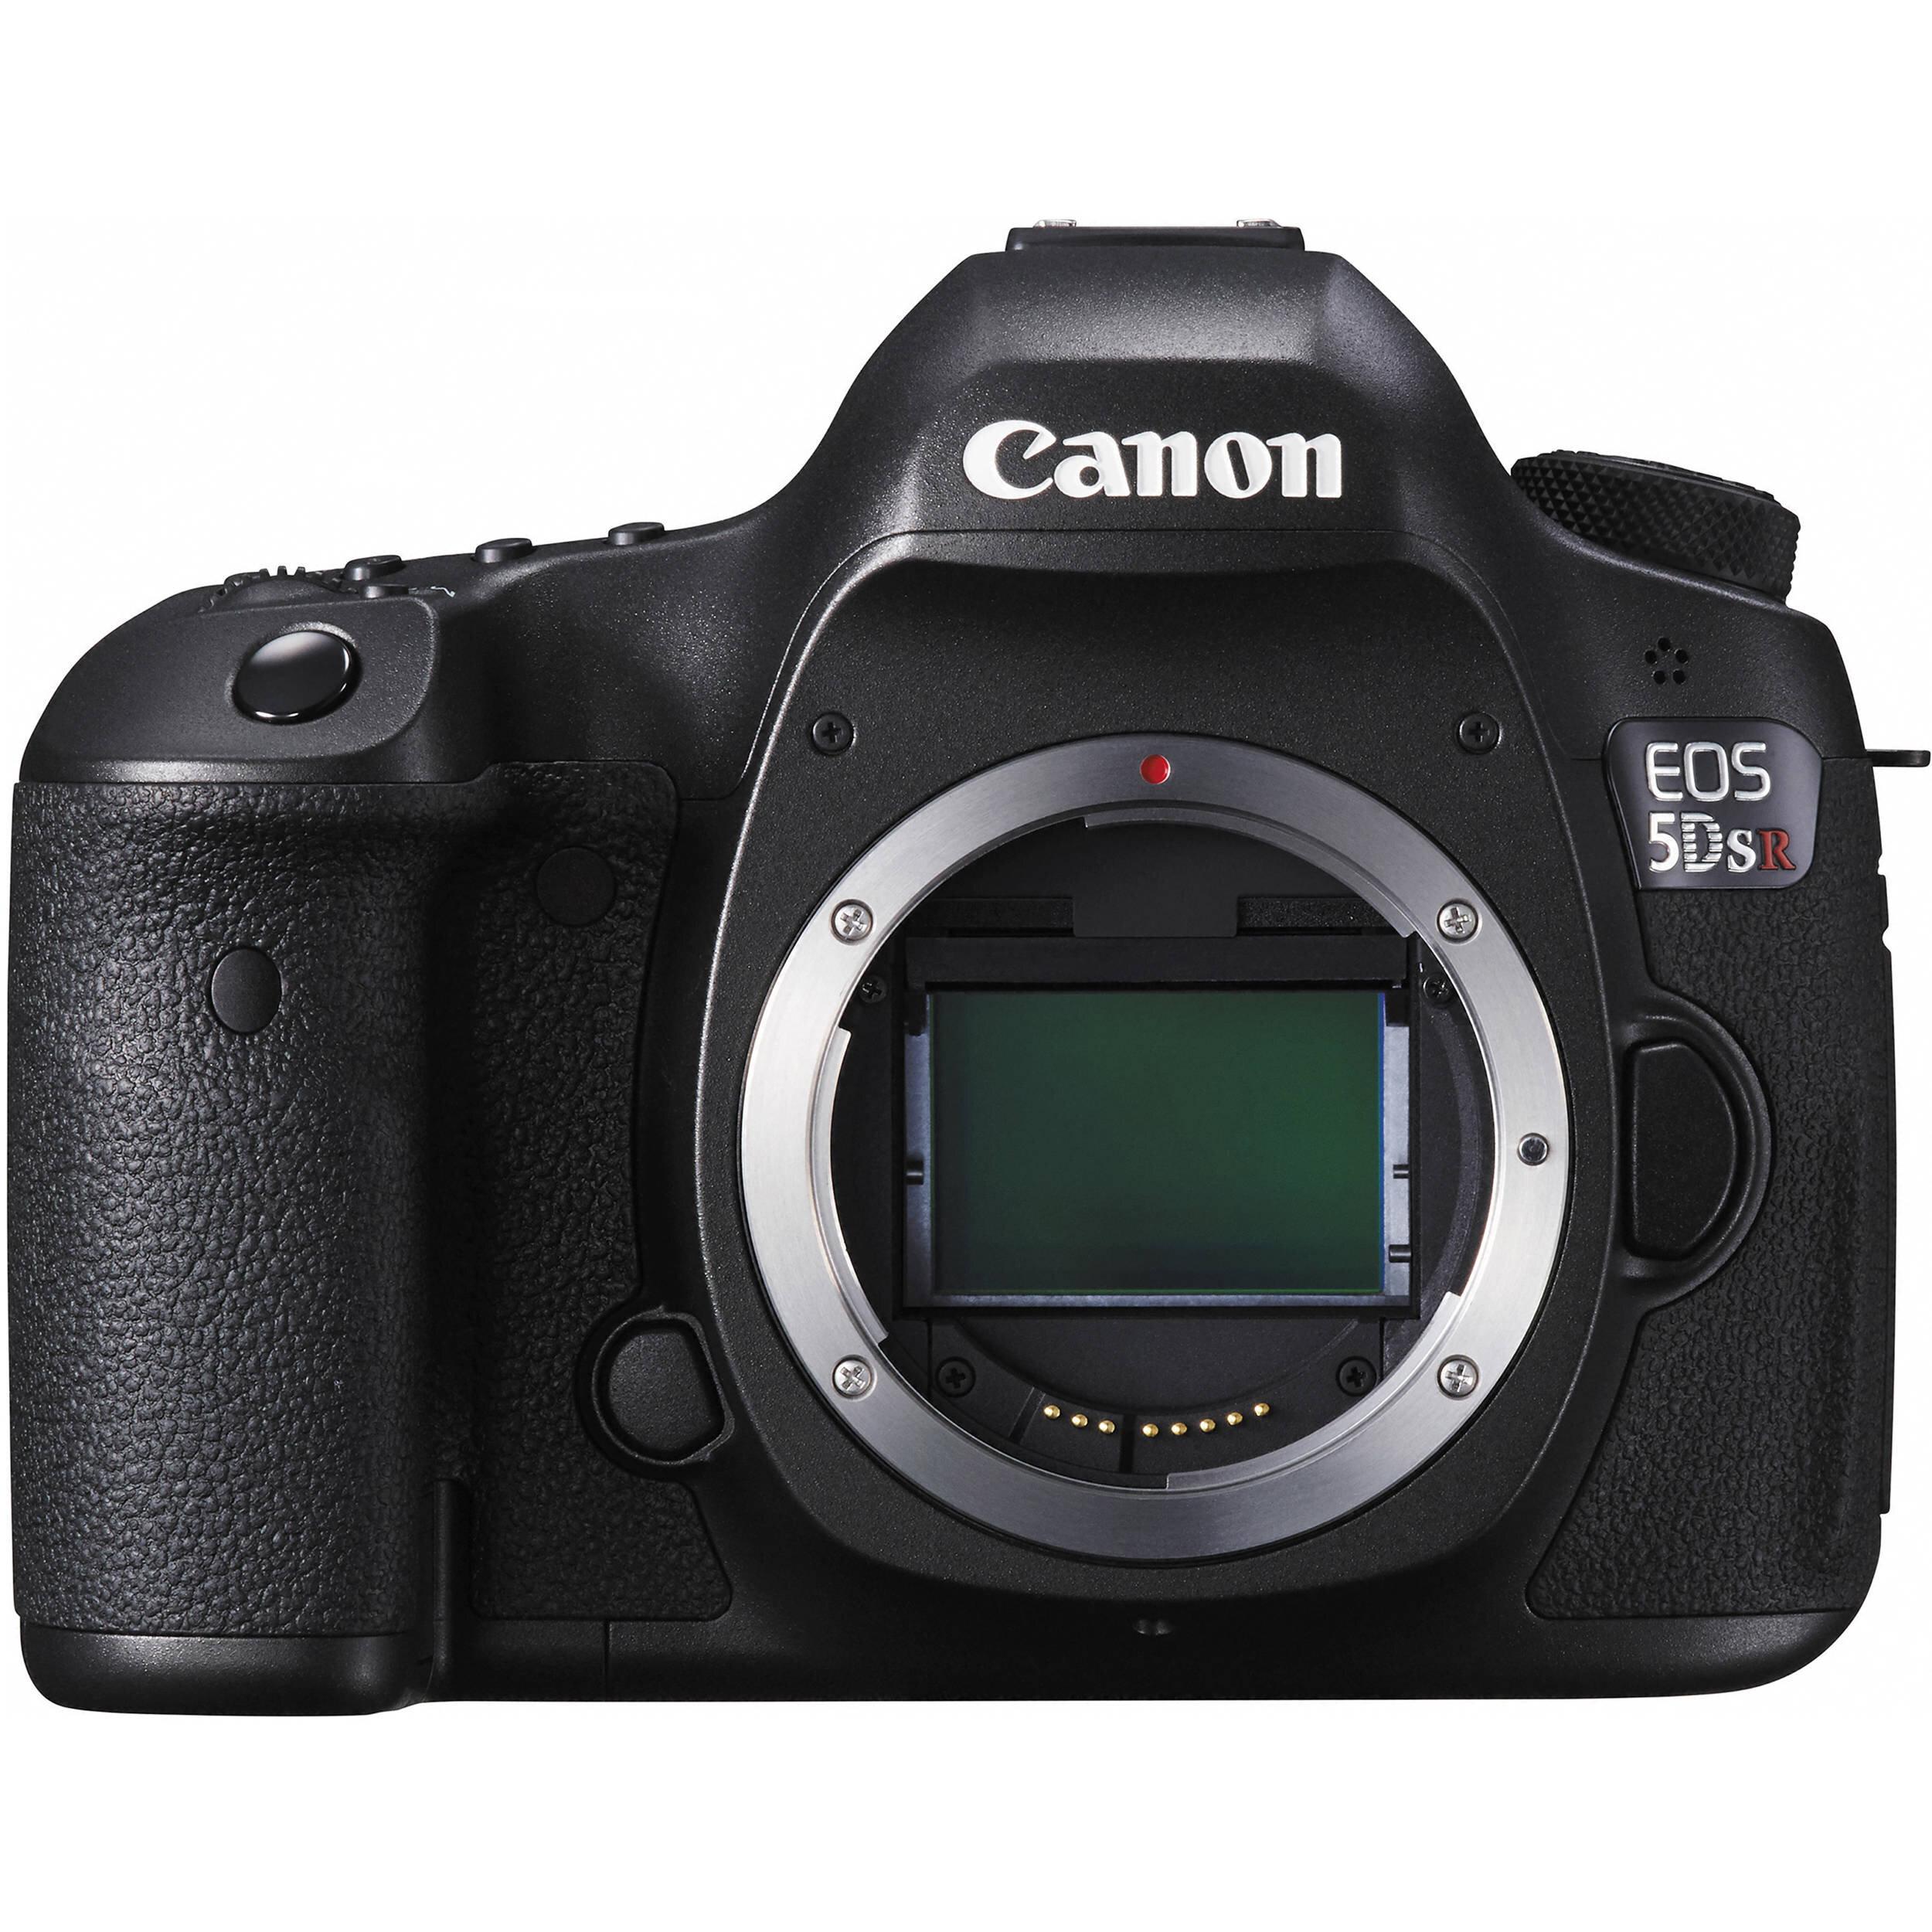 Máy ảnh Canon EOS 5DSR -50.6 Megapixels